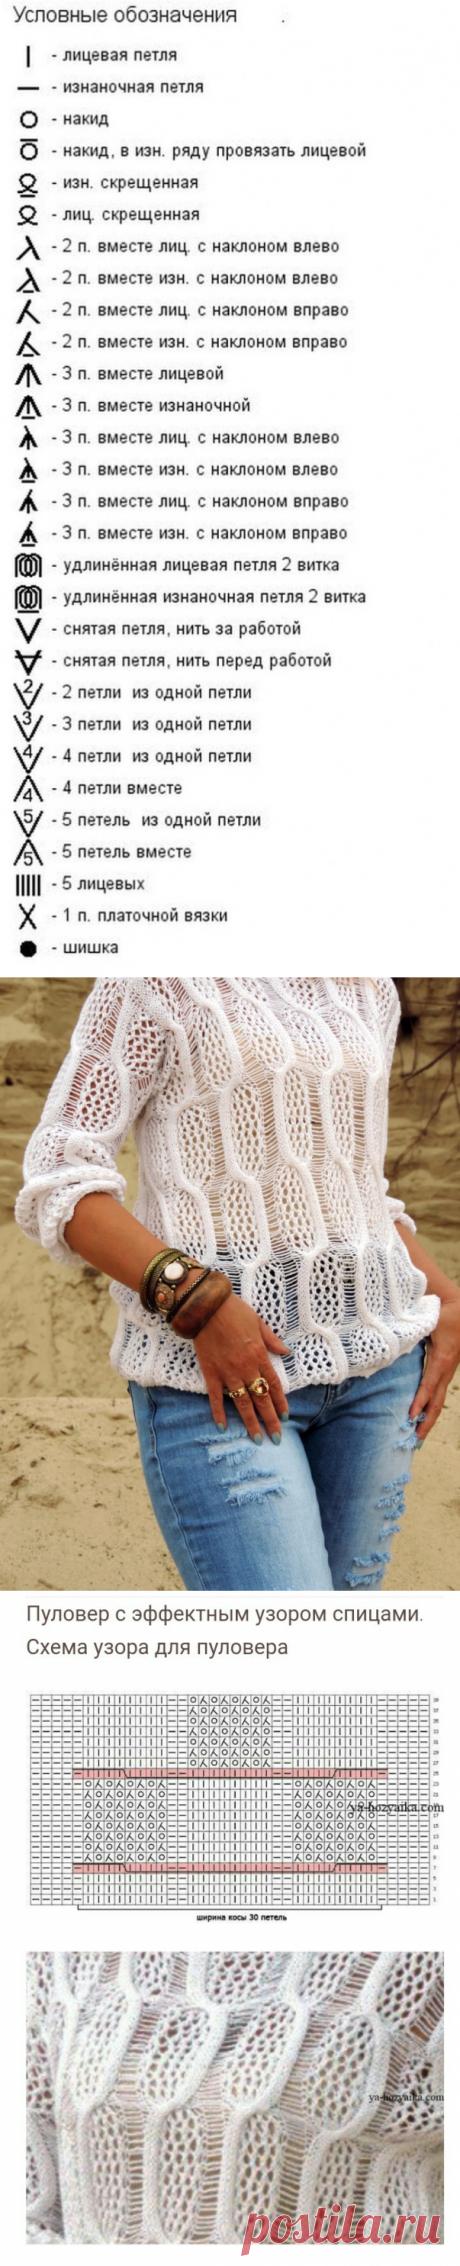 Пуловер с эффектным узором спицами — Сделай сам, идеи для творчества - DIY Ideas